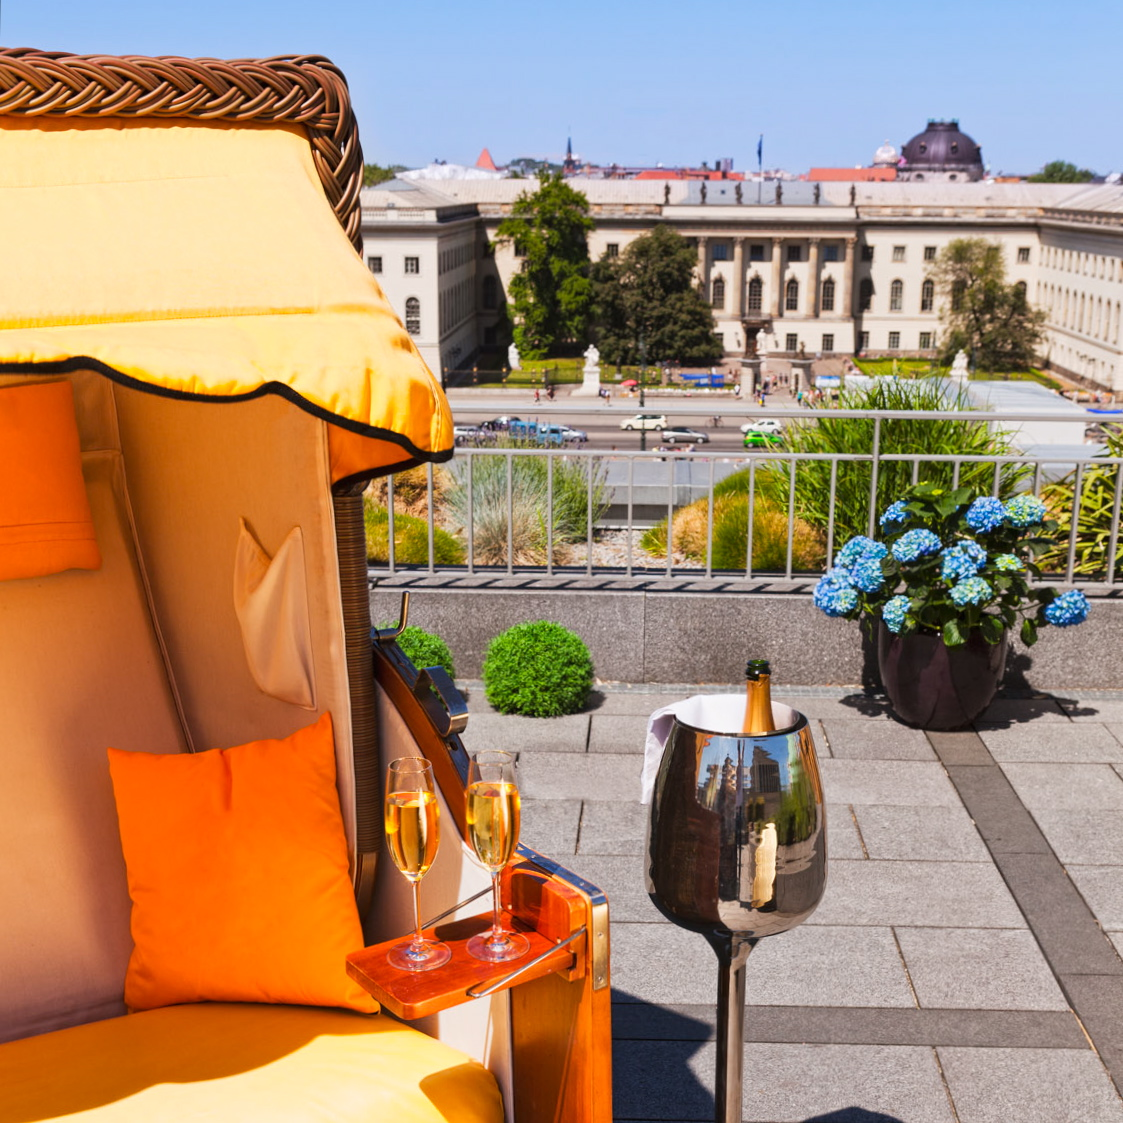 Hotel-de-Rome-Berlin-Dachterrasse-Strandkorb